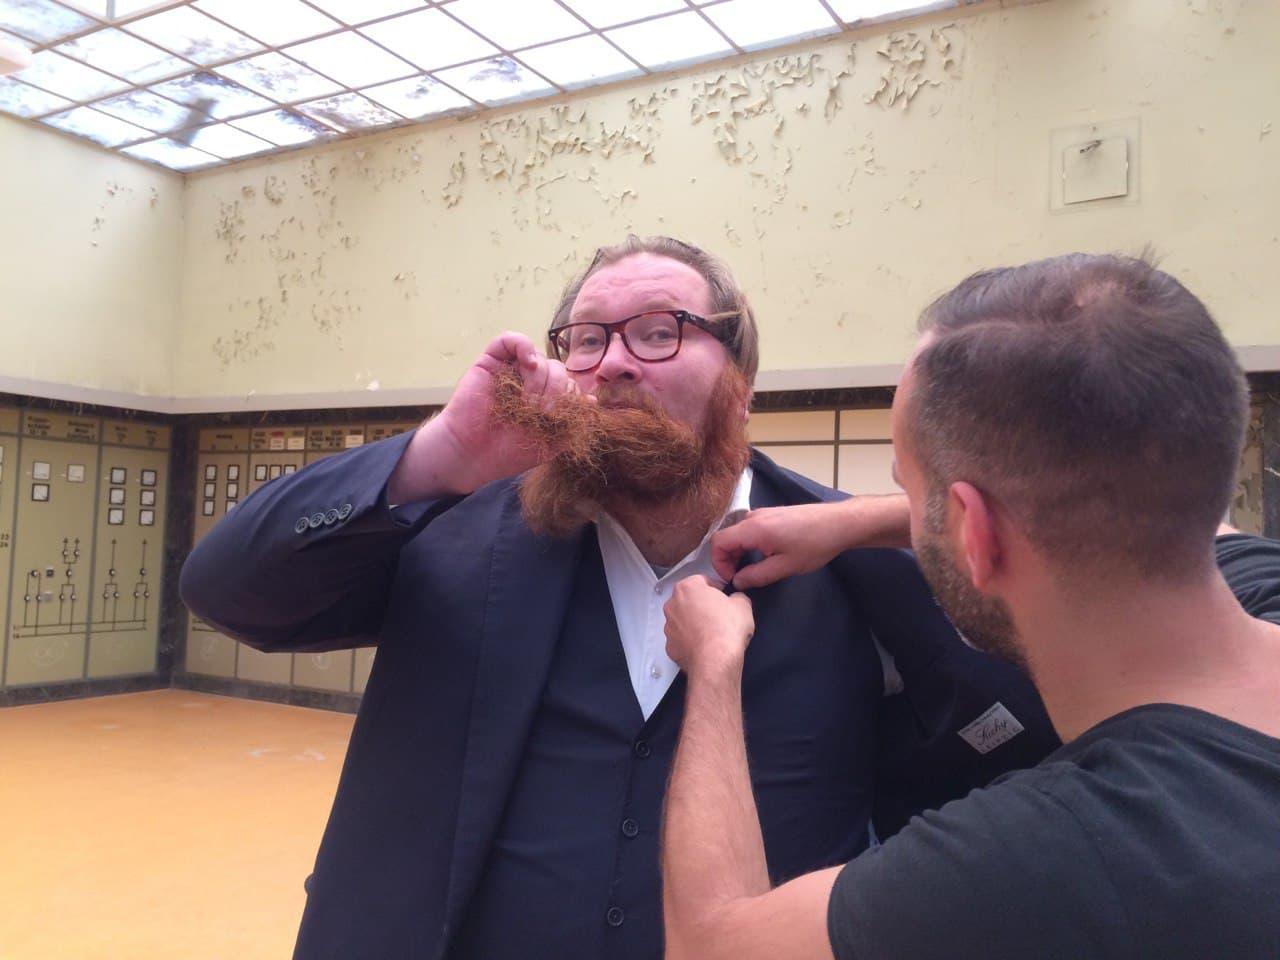 Ein Mann mit einem langen, roten Bart wird gerade zurechtgemacht